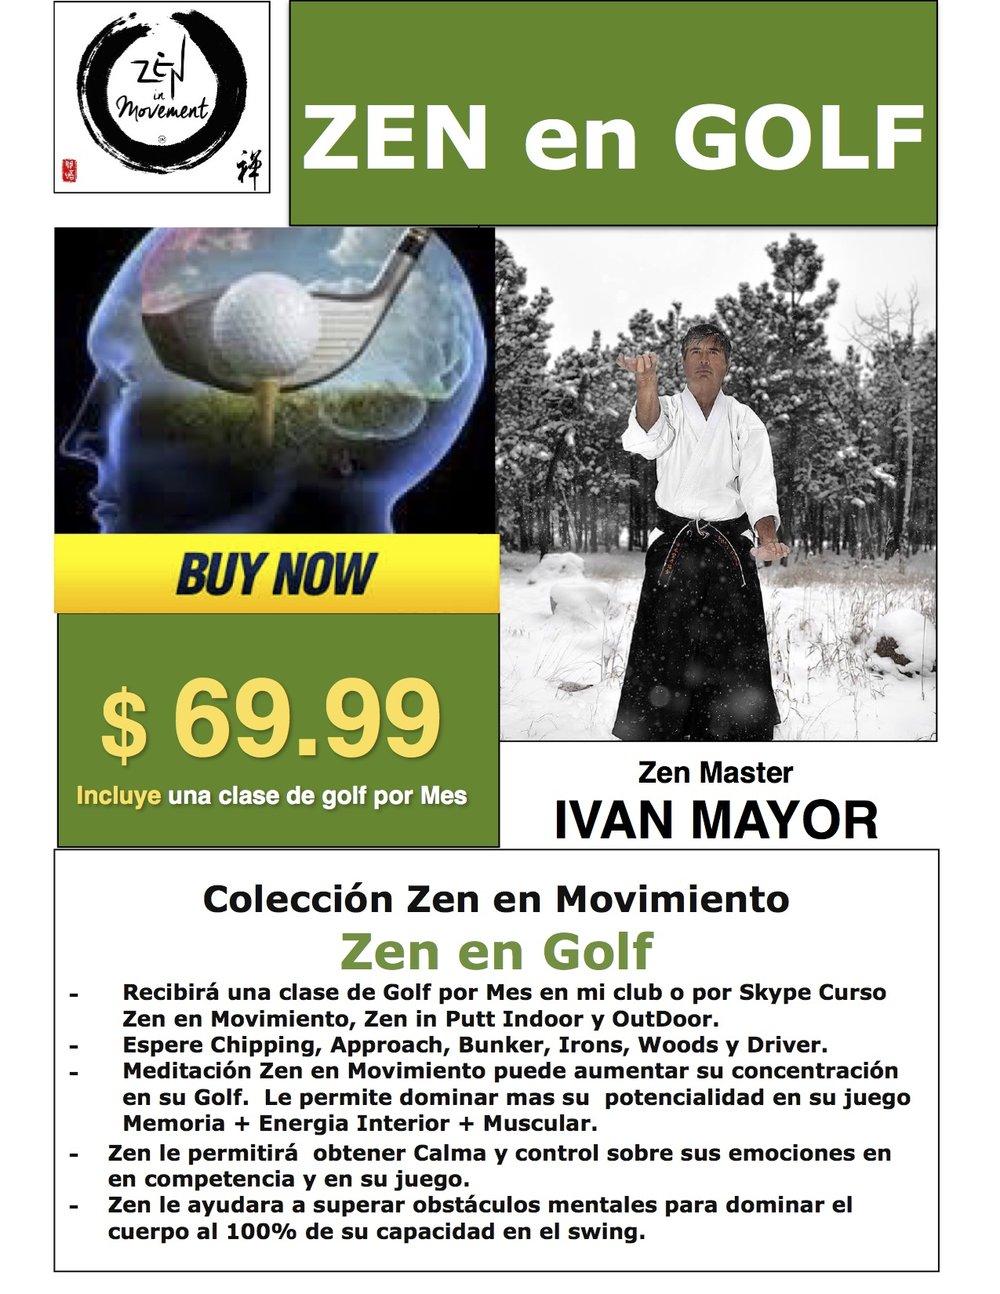 Zen en Golf Incluye una Clase privada mas Putt InDoor & OutDoor, mas Zen Meditaciones...  CLICK EN EL FLYER